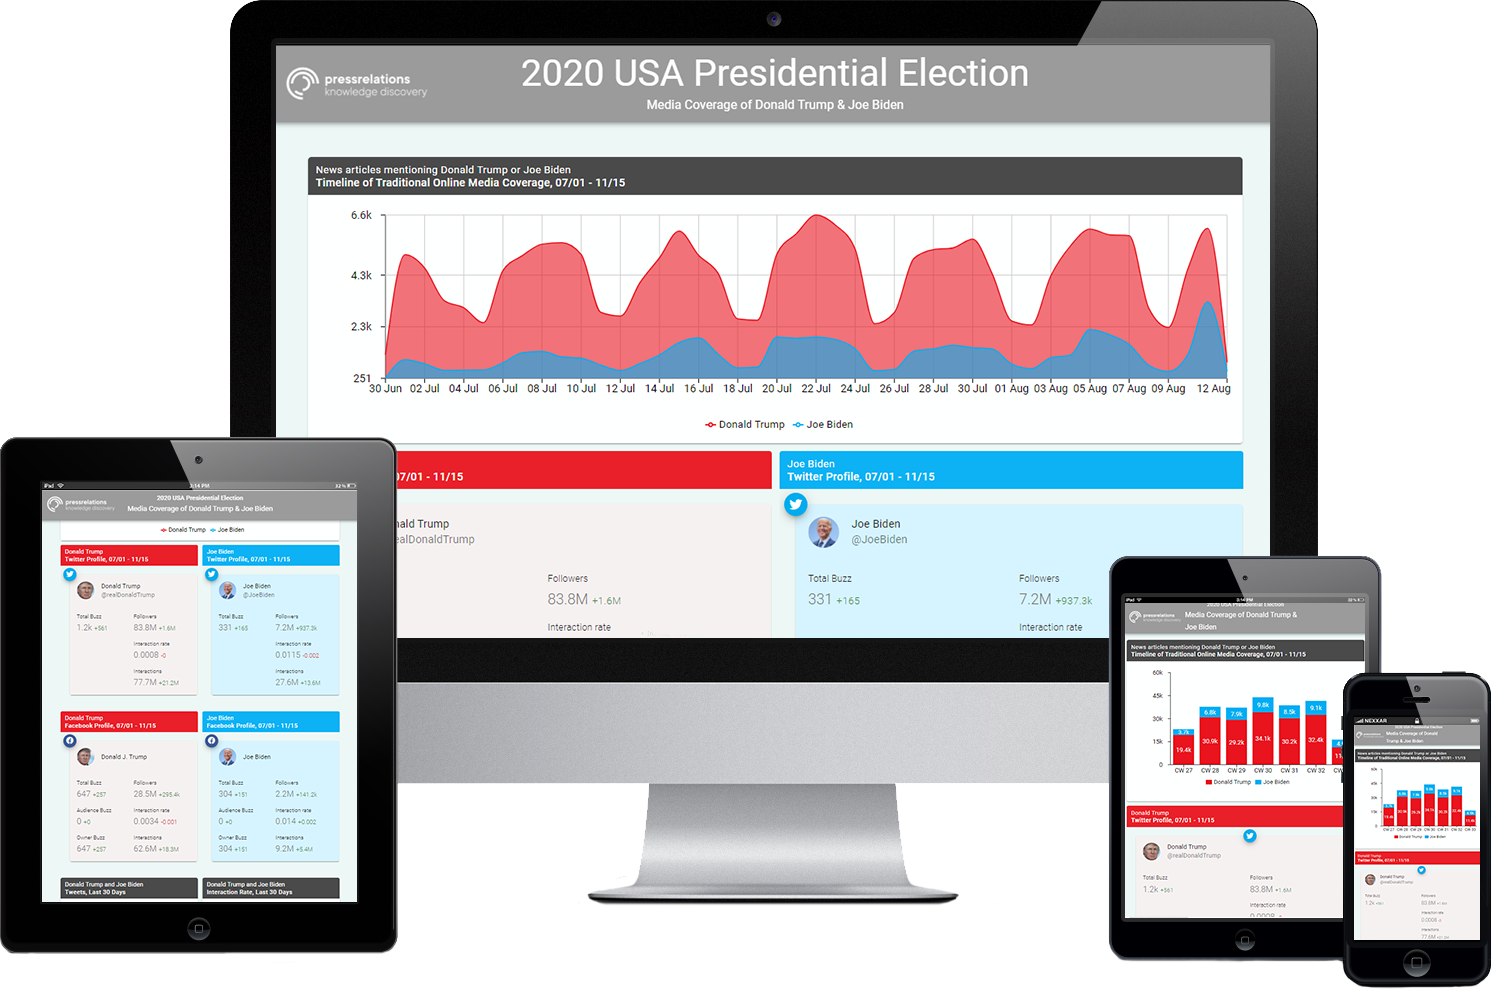 Das Infoboard zeigt in Echtzeit die wichtigsten Themen der US-Wahl in etablierten & alternativen Medien.